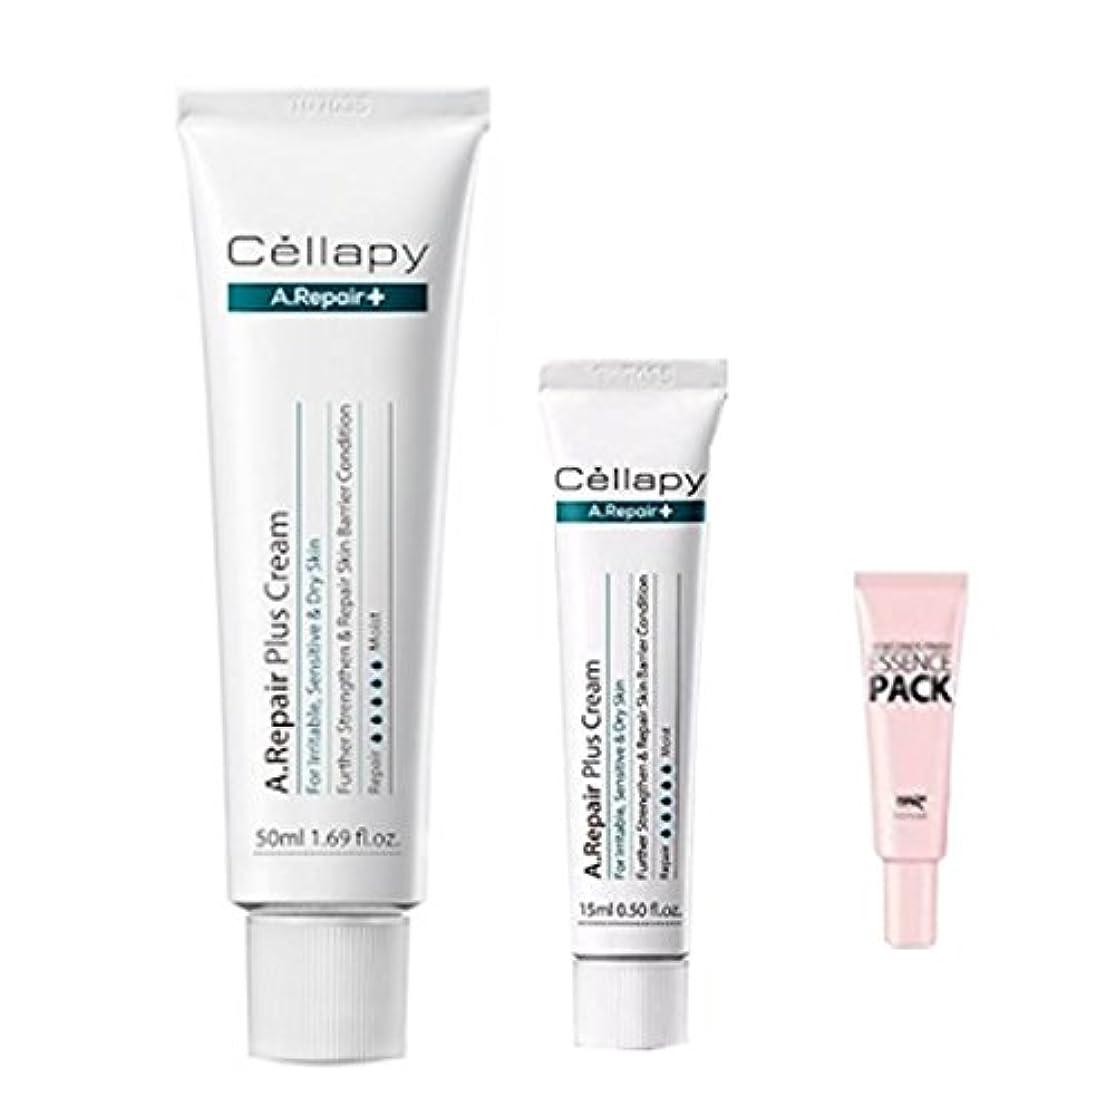 モッキンバード粗い運搬セラピ エイリペアプラスクリーム50ml+15ml [並行輸入品]/Cellapy A.Repair Plus Cream for Irritable, Sensitive & Dry Skin 50ml(1.69fl.oz...